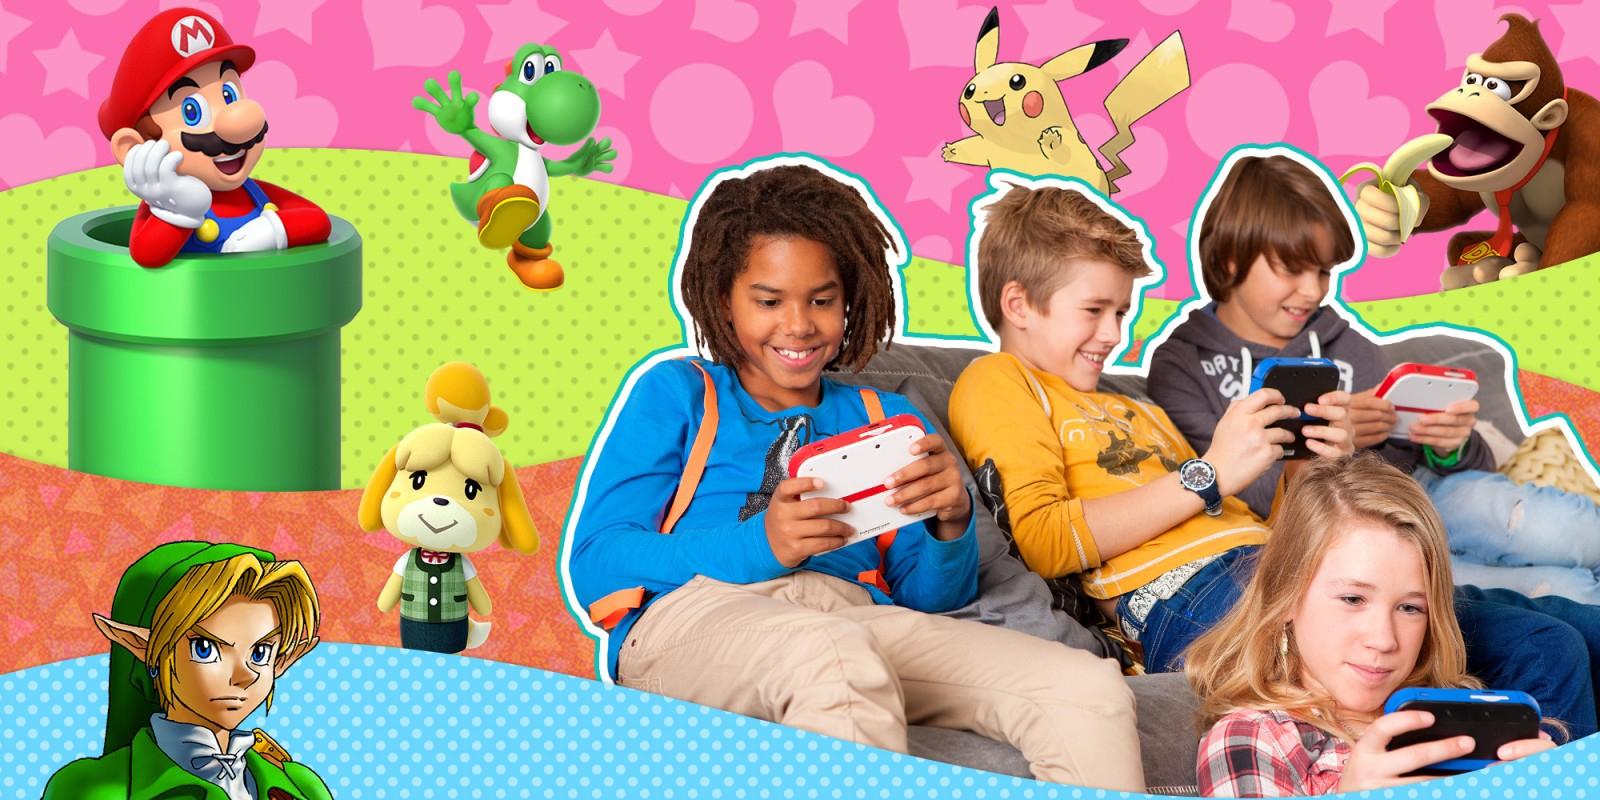 Jeux Nintendo Pour Les Enfants | Nintendo pour Jeux Gratuit Garcon 5 Ans